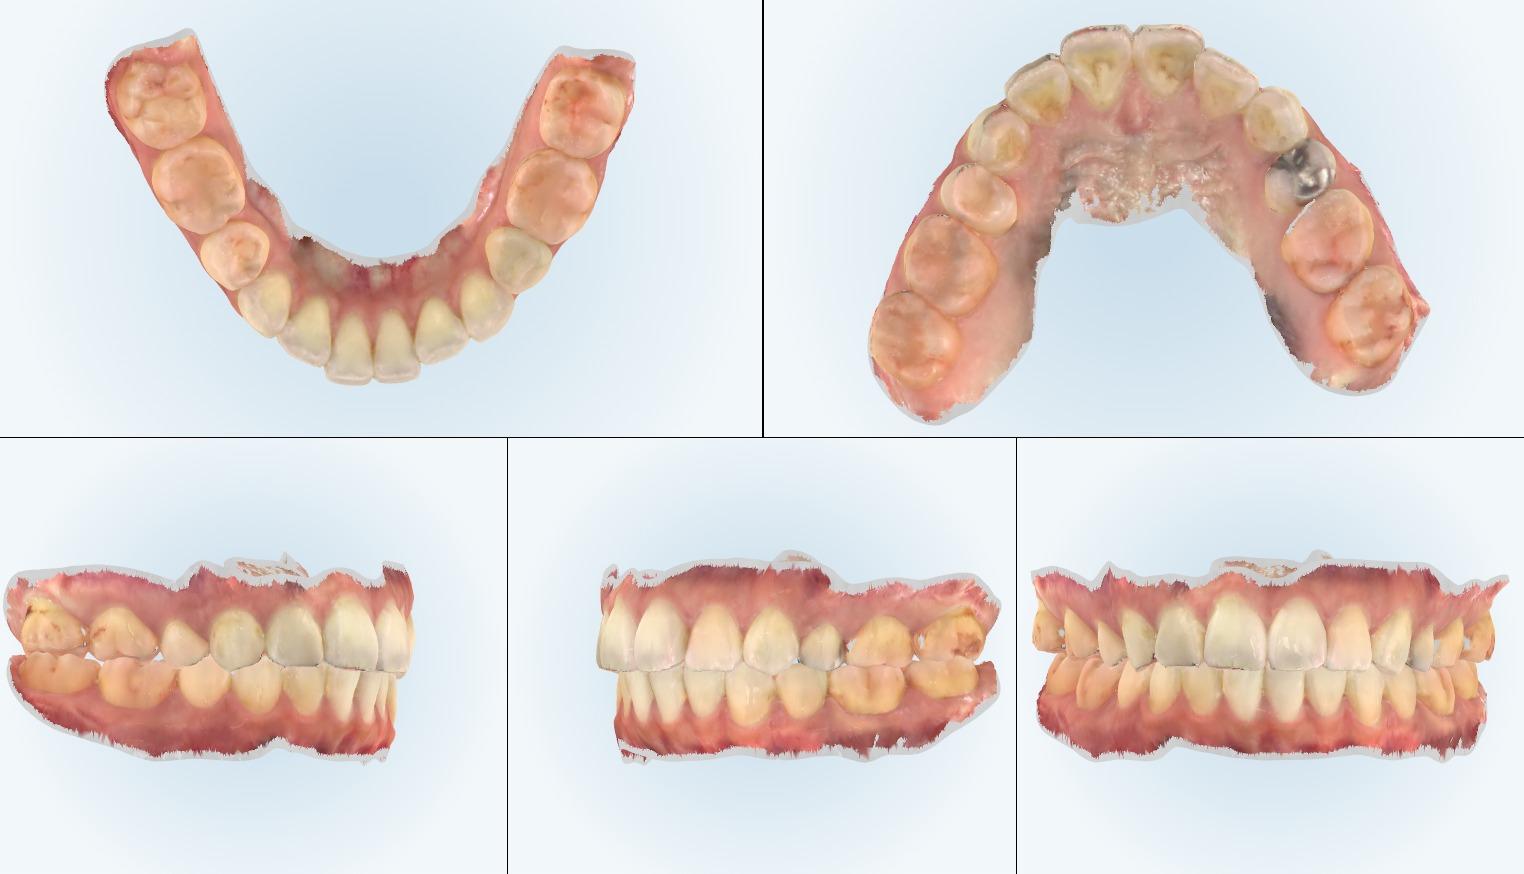 口腔内スキャナーを用いた矯正治療なら戸越銀座KT矯正歯科